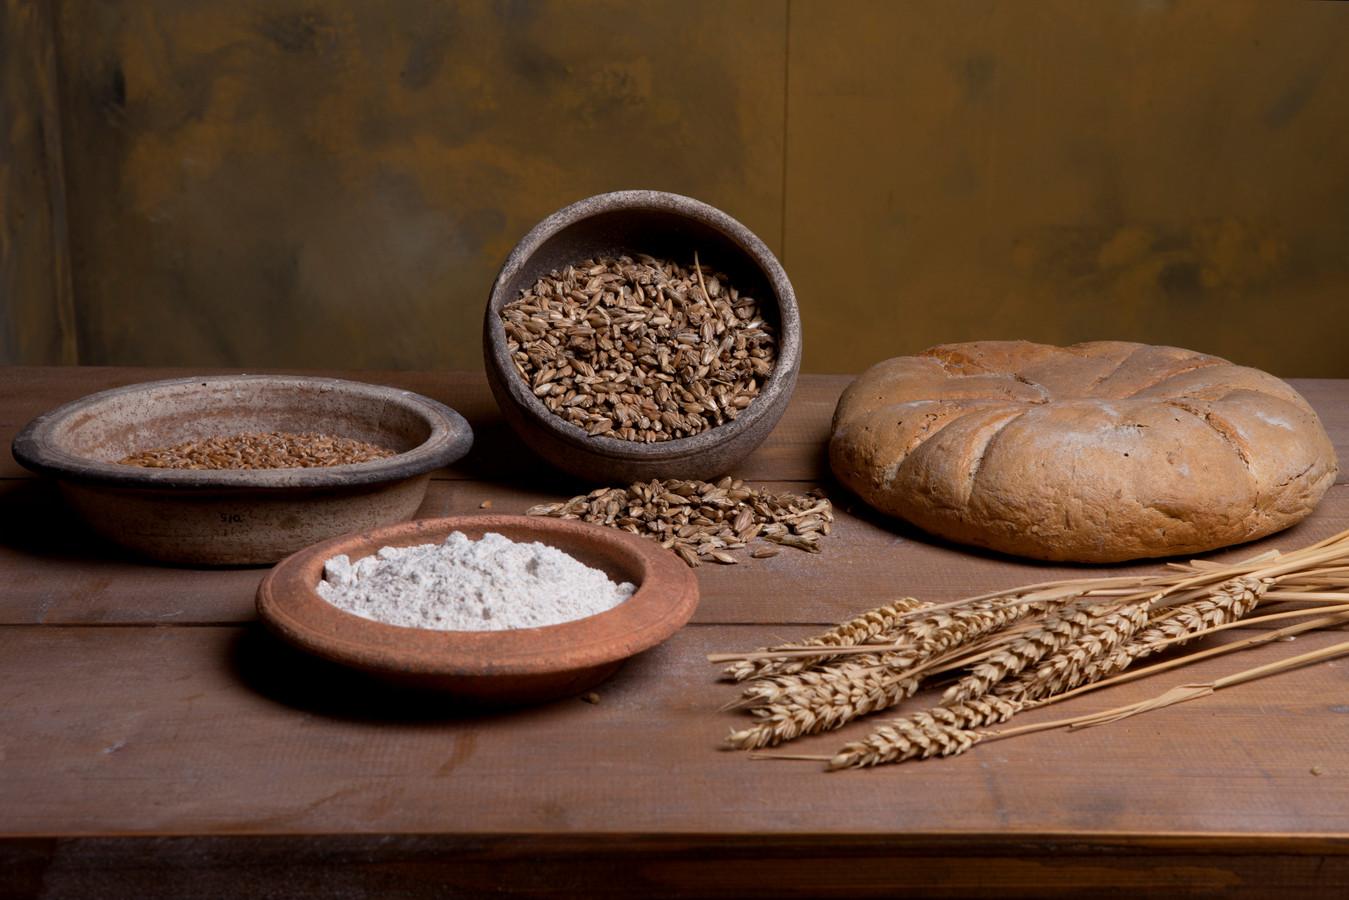 Romeins brood werd gemaakt van spelttarwe (in de staande kom nog in het kaf) en van broodtarwe (aren op de voorgrond).